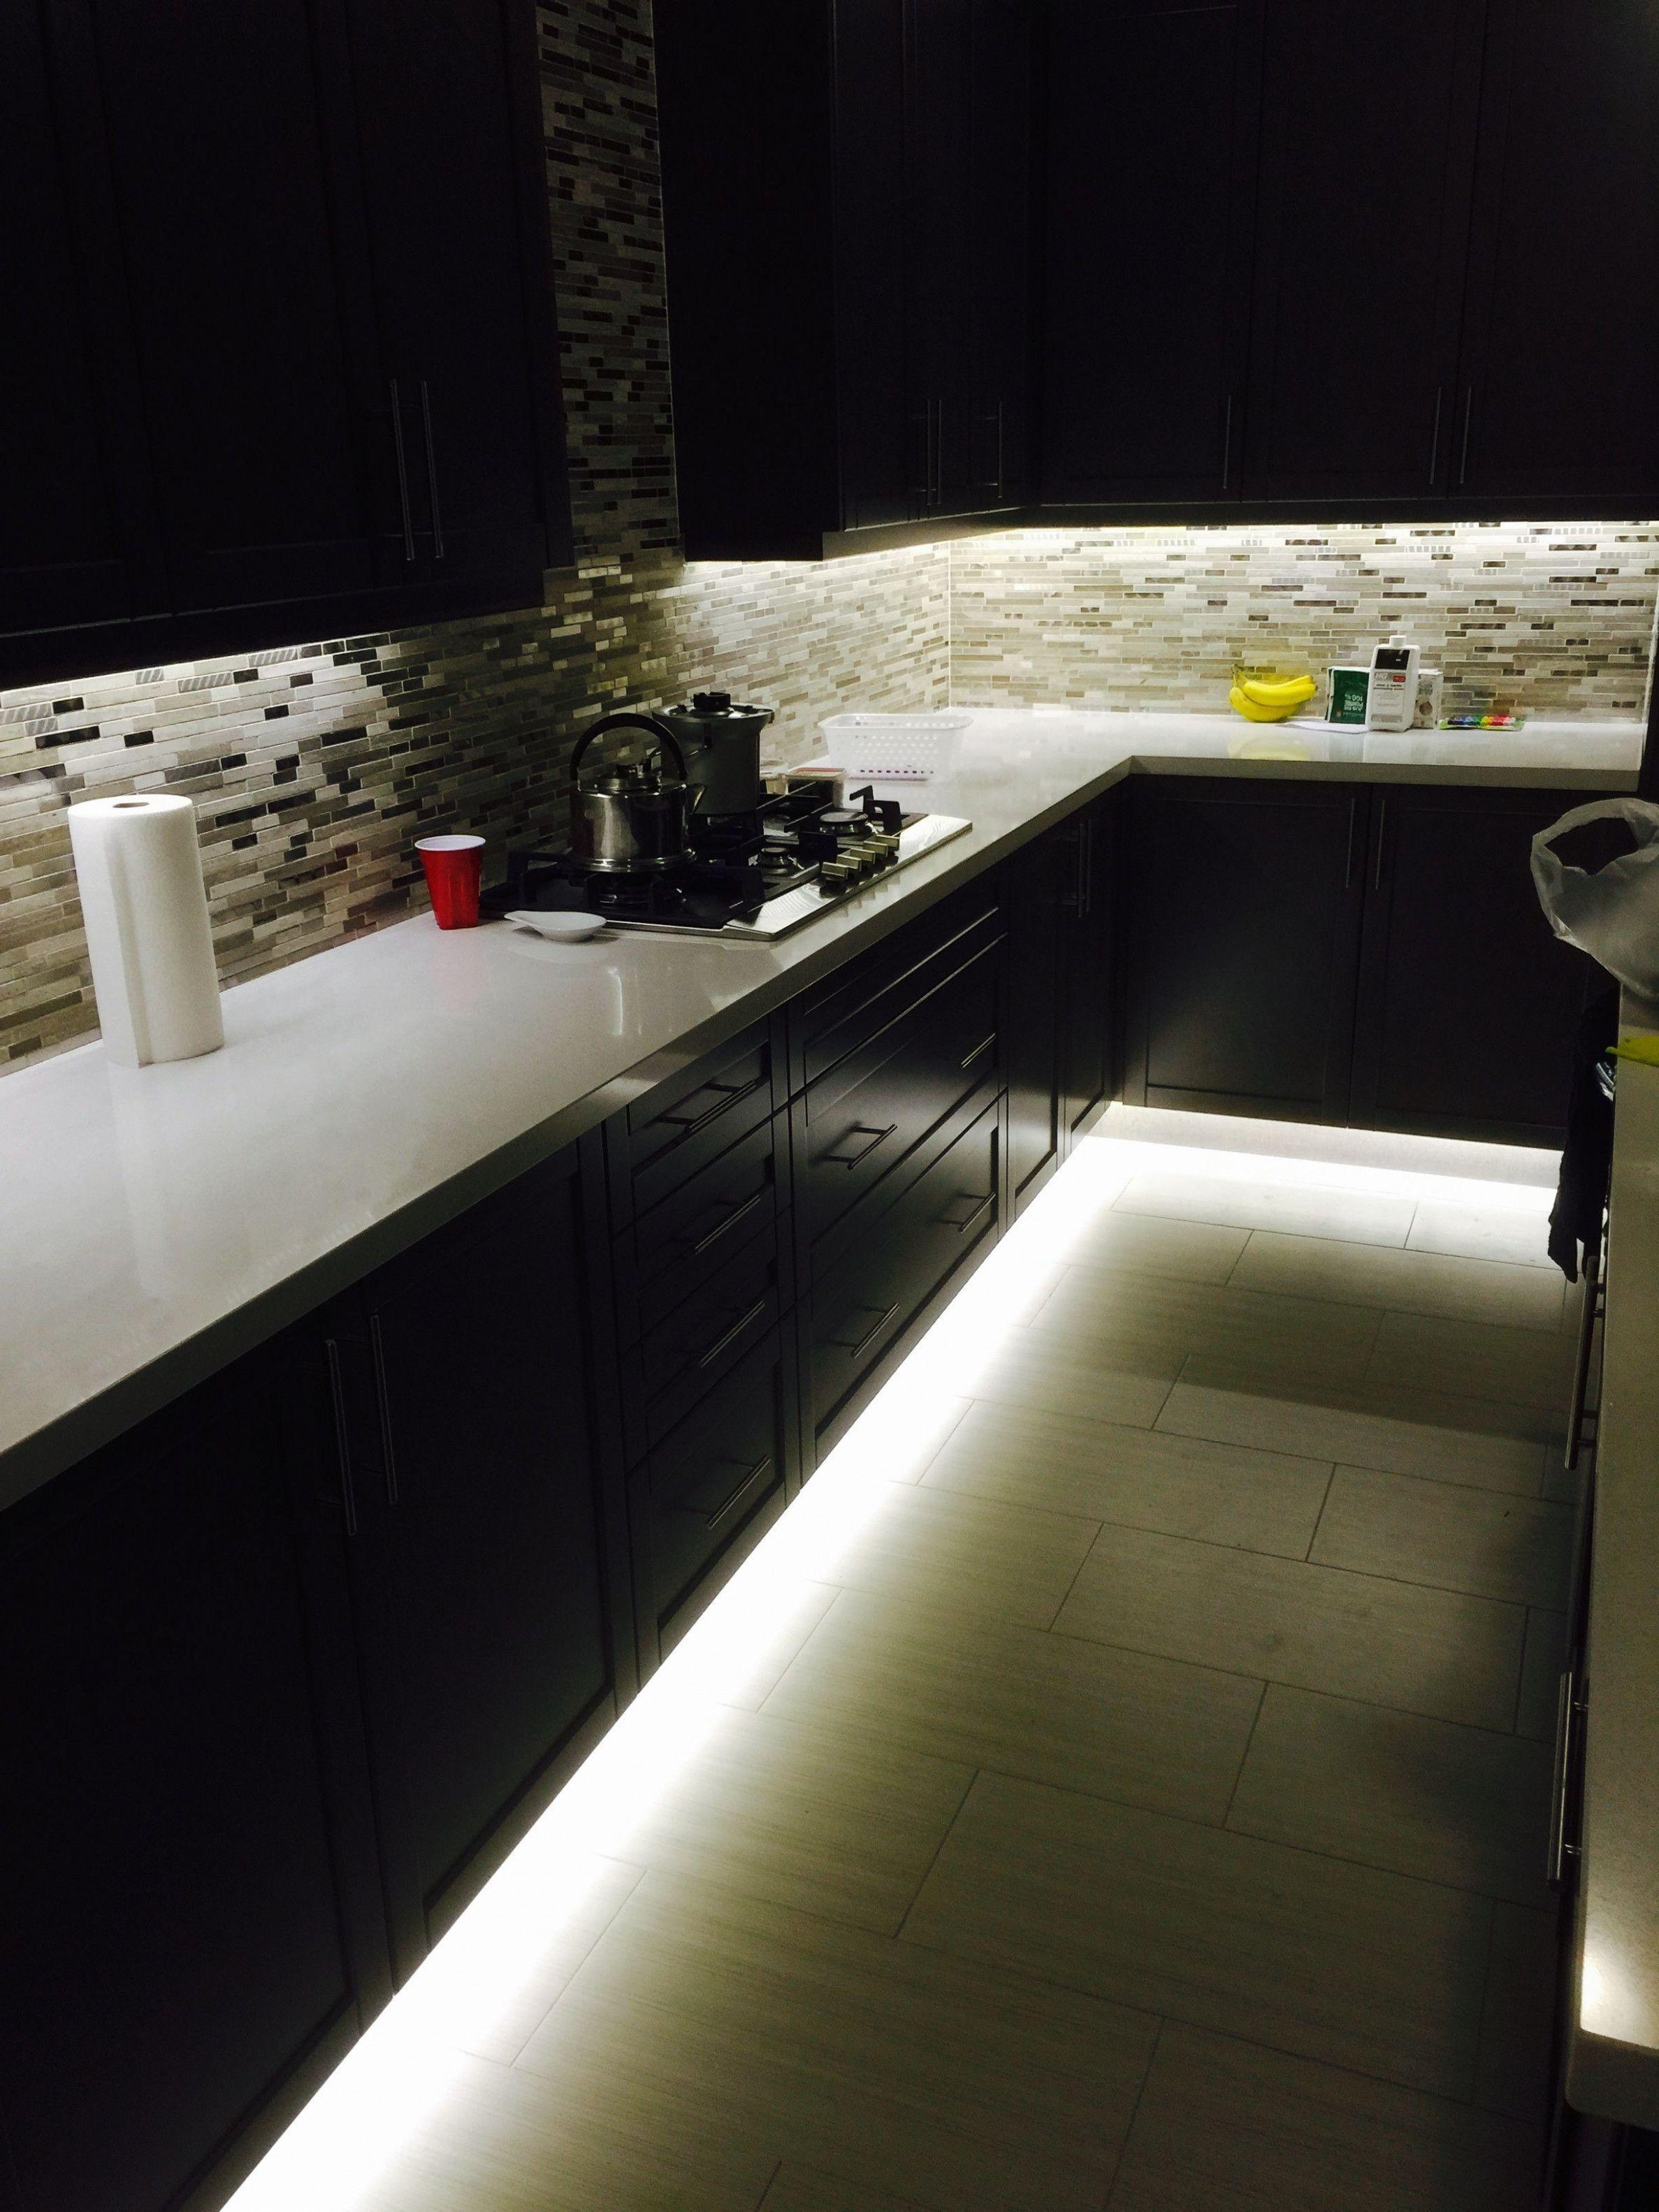 Kitchen Cabinet Lighting Ideas Kitchen Cabinets Lighting Ideas Ideas | Kitchen under cabi